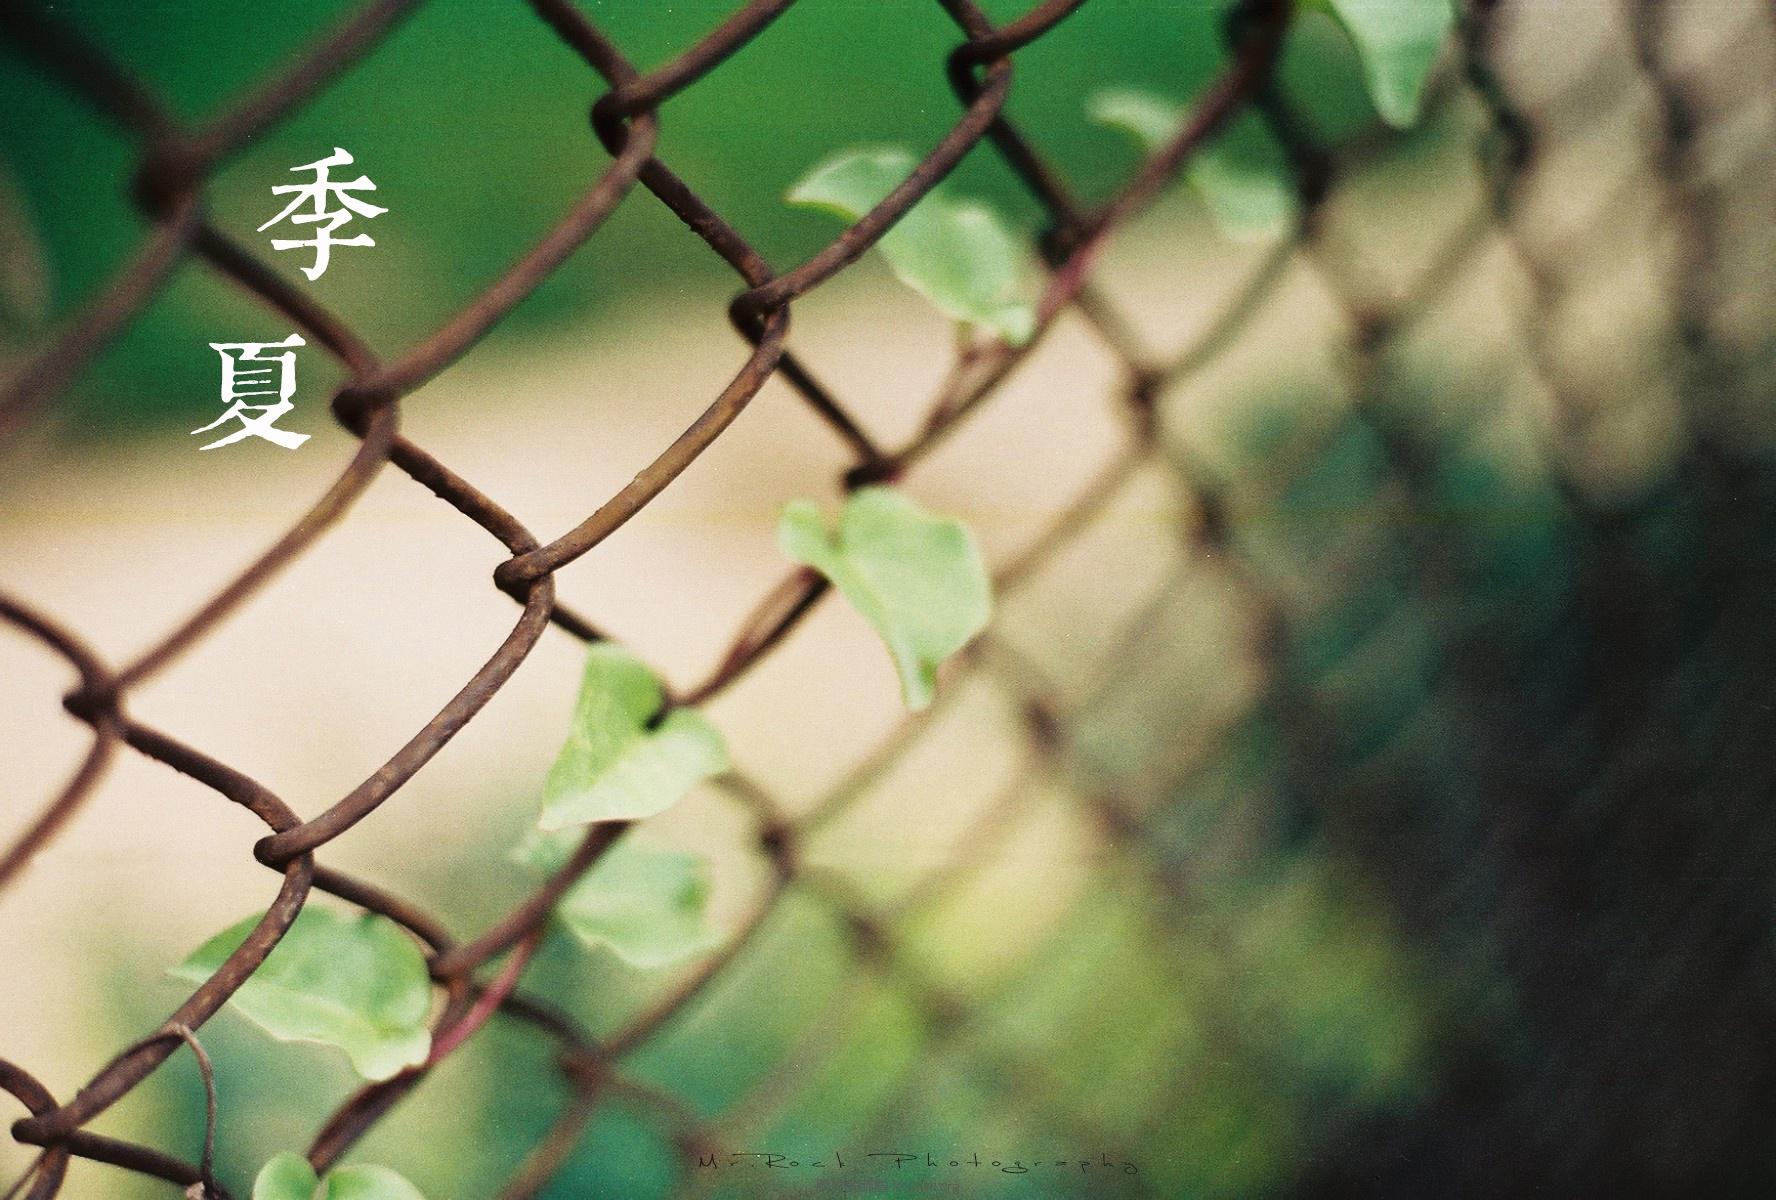 菲林日记·六月季夏 (12)